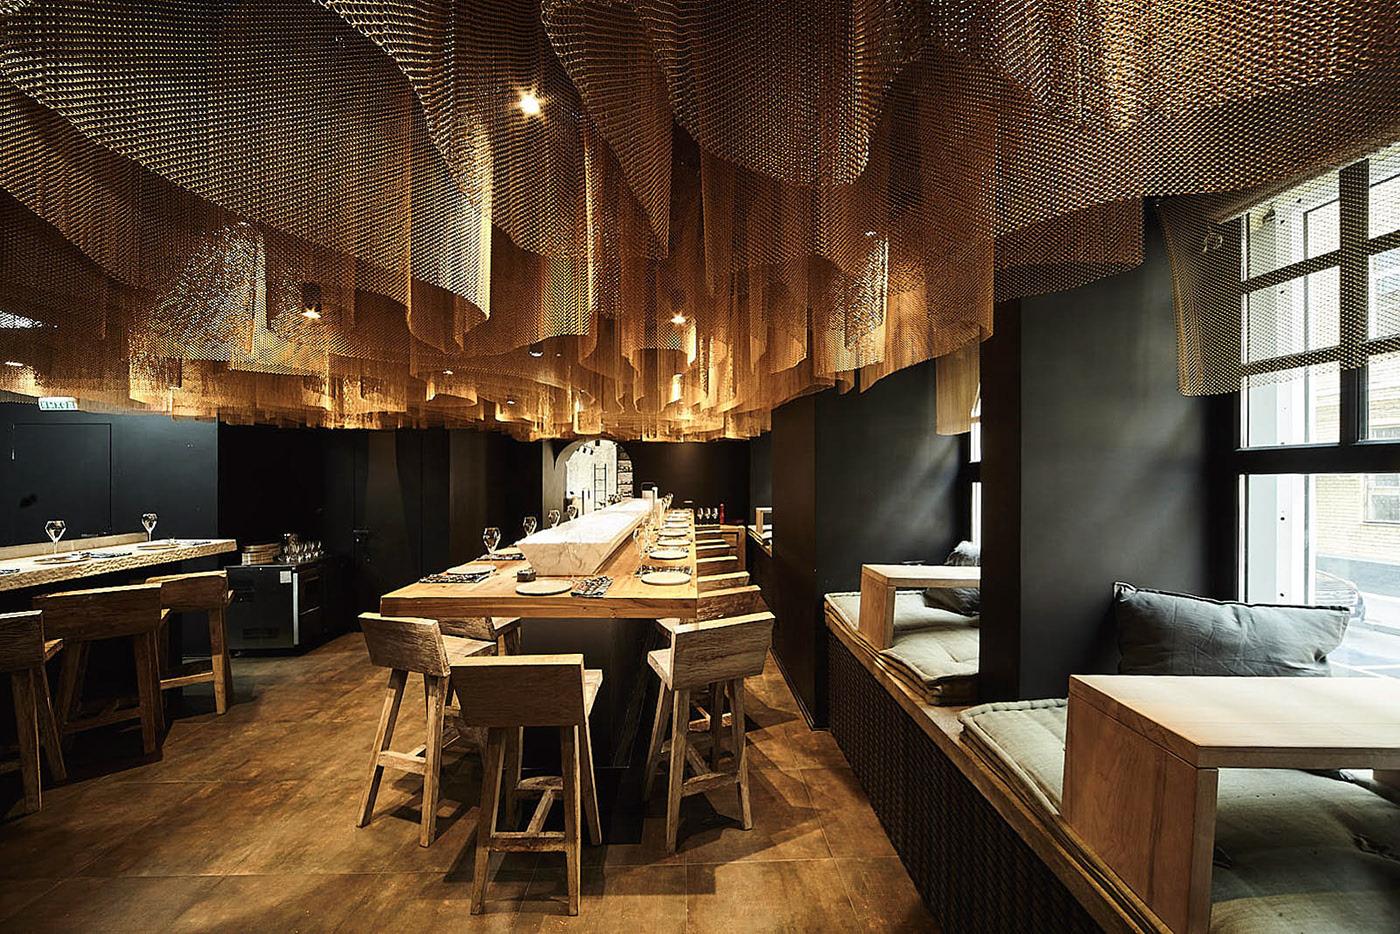 rybtorg-merge-interiors-restaurant-hospitality-inspiration